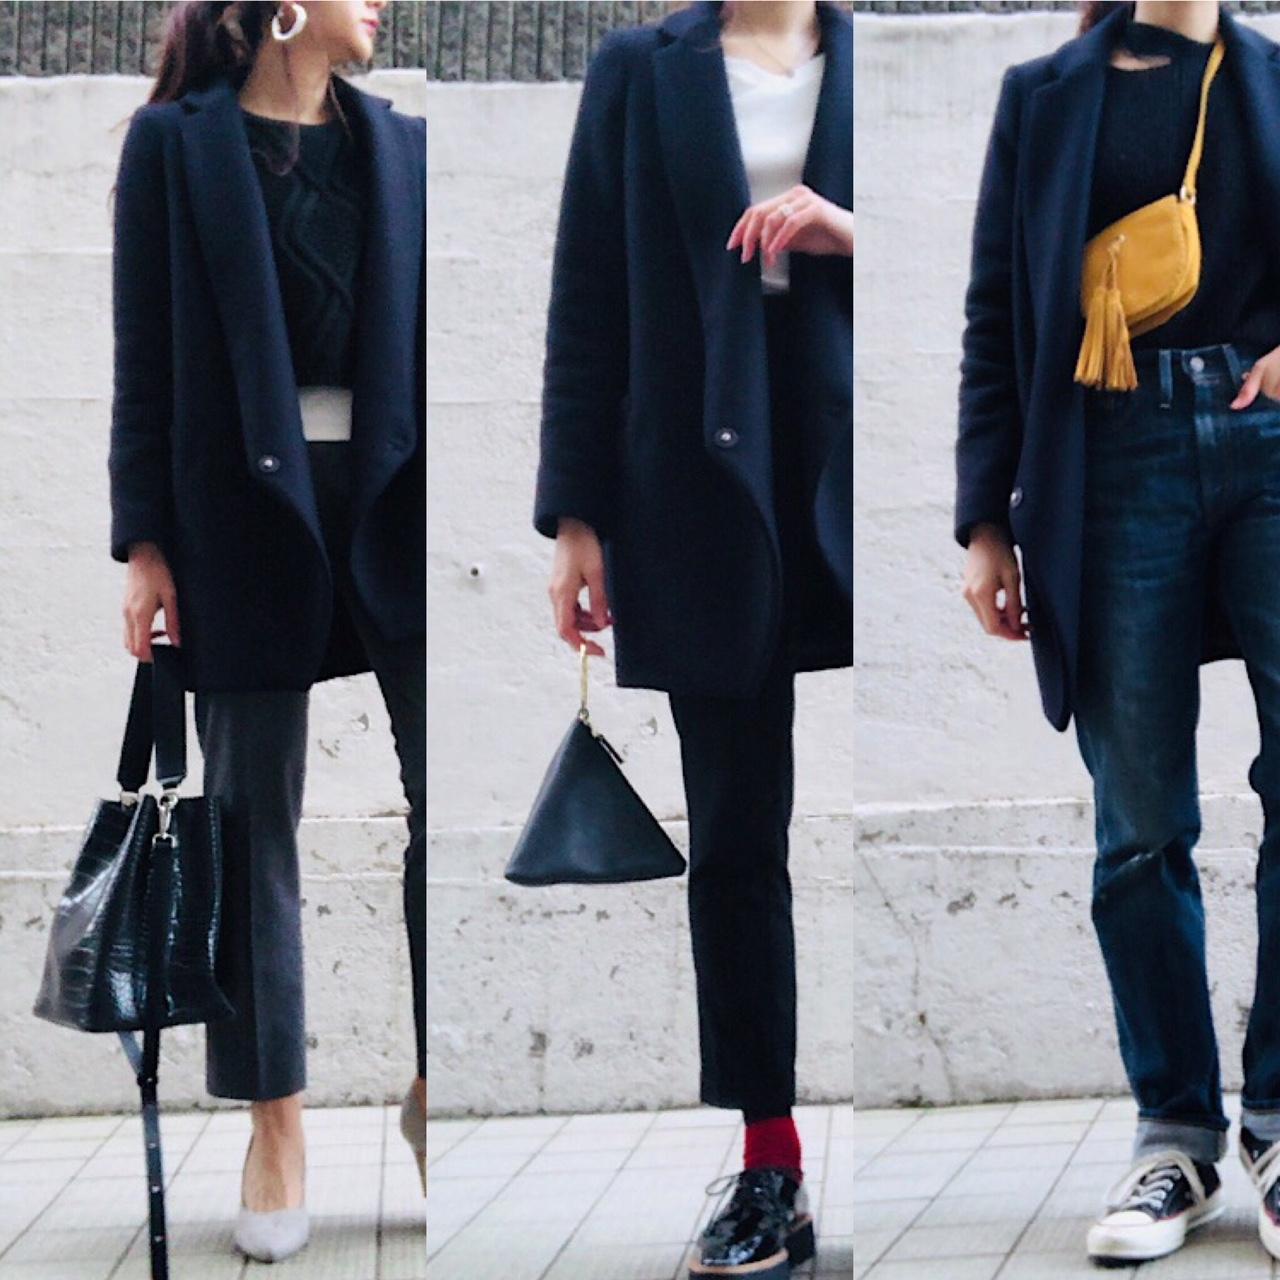 着やせ効果が…! 2018年も定番「チェスターコート」着こなし3コーデ|デイリーアイテム着回し3Days #53